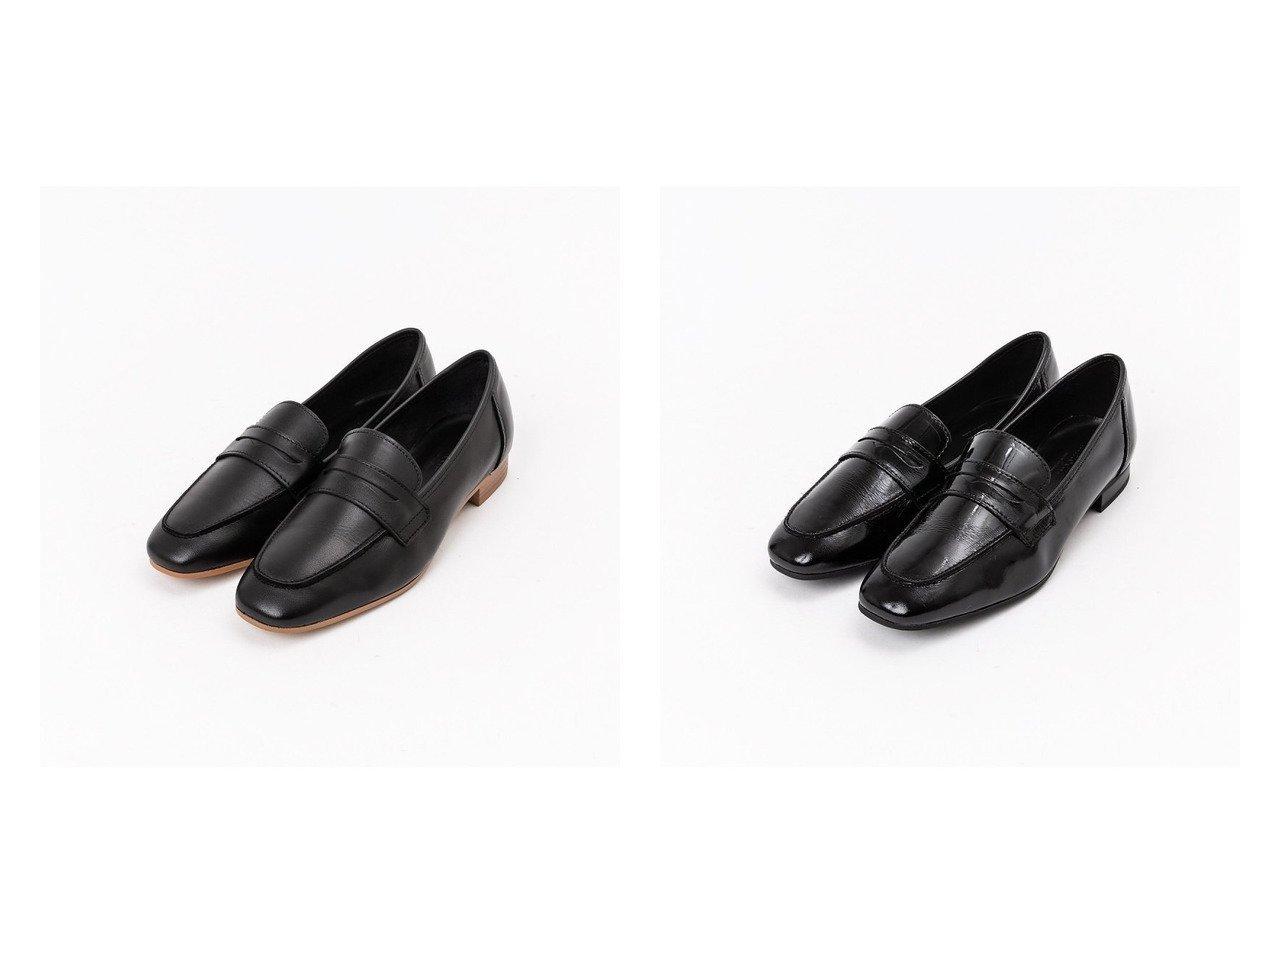 【collex/コレックス】の【スティルモーダ】ローファー 【シューズ・靴】おすすめ!人気、トレンド・レディースファッションの通販  おすすめで人気の流行・トレンド、ファッションの通販商品 メンズファッション・キッズファッション・インテリア・家具・レディースファッション・服の通販 founy(ファニー) https://founy.com/ ファッション Fashion レディースファッション WOMEN おすすめ Recommend イタリア エナメル シューズ シンプル 人気 |ID:crp329100000026277